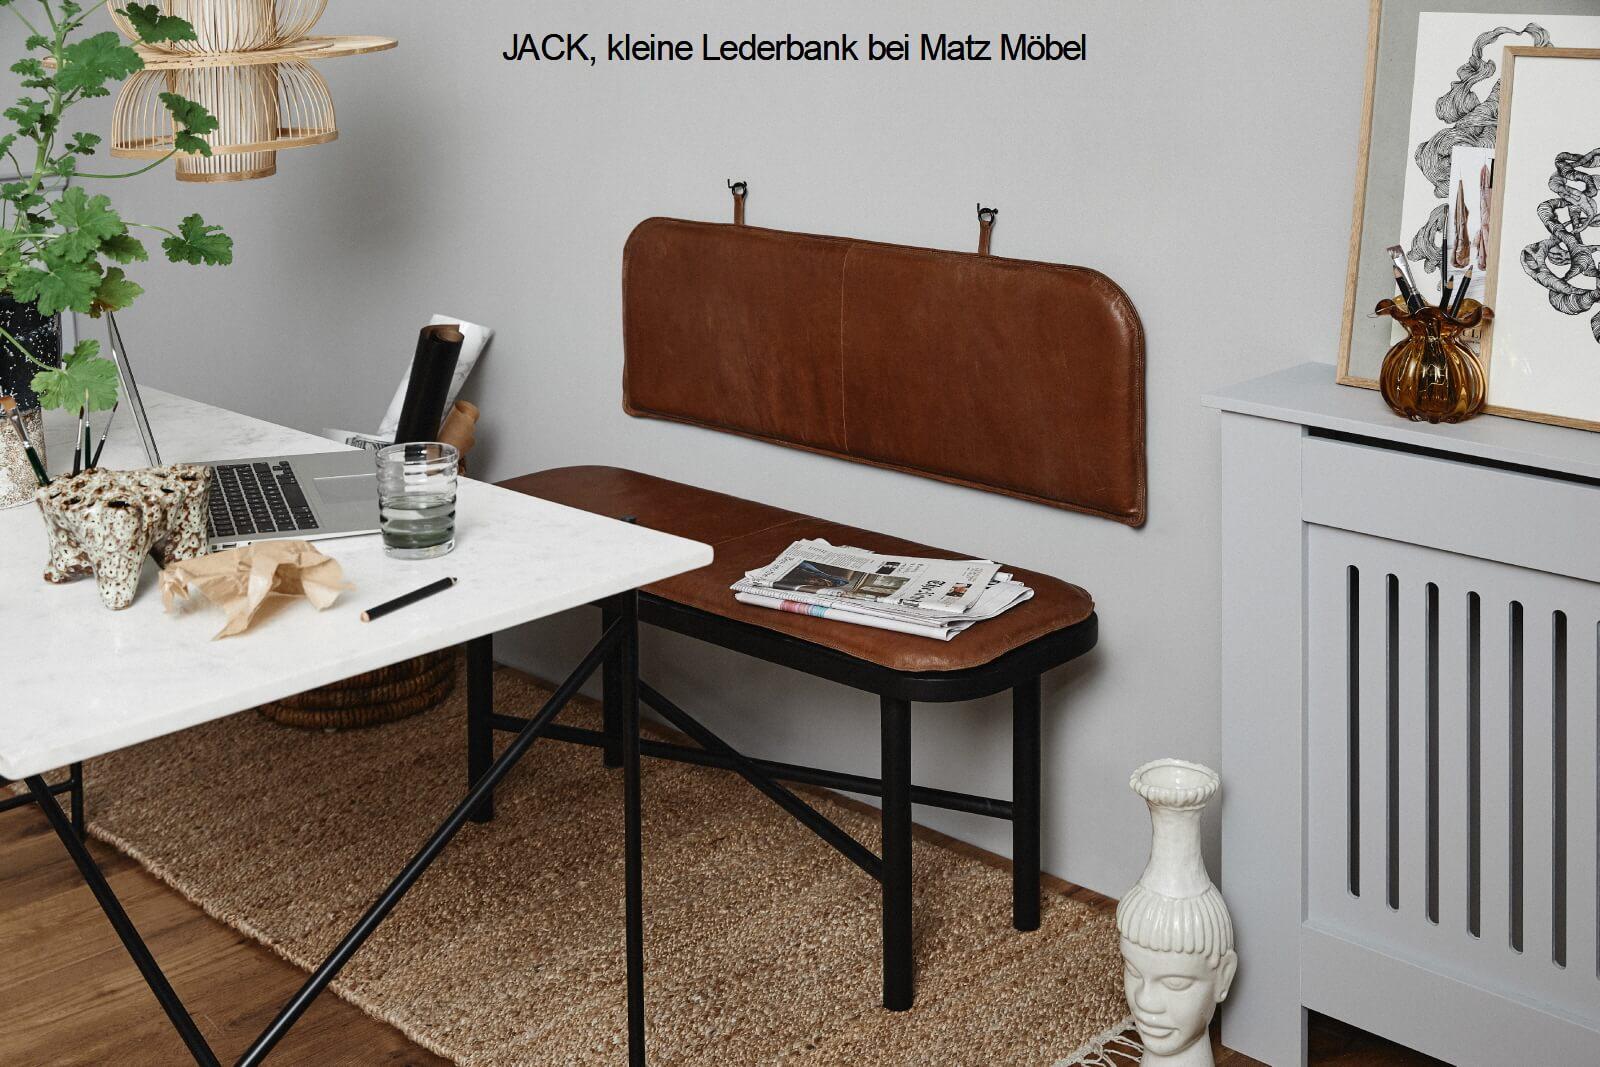 Halbrundes Rattan Regal mit Glasböden, Designermöbel